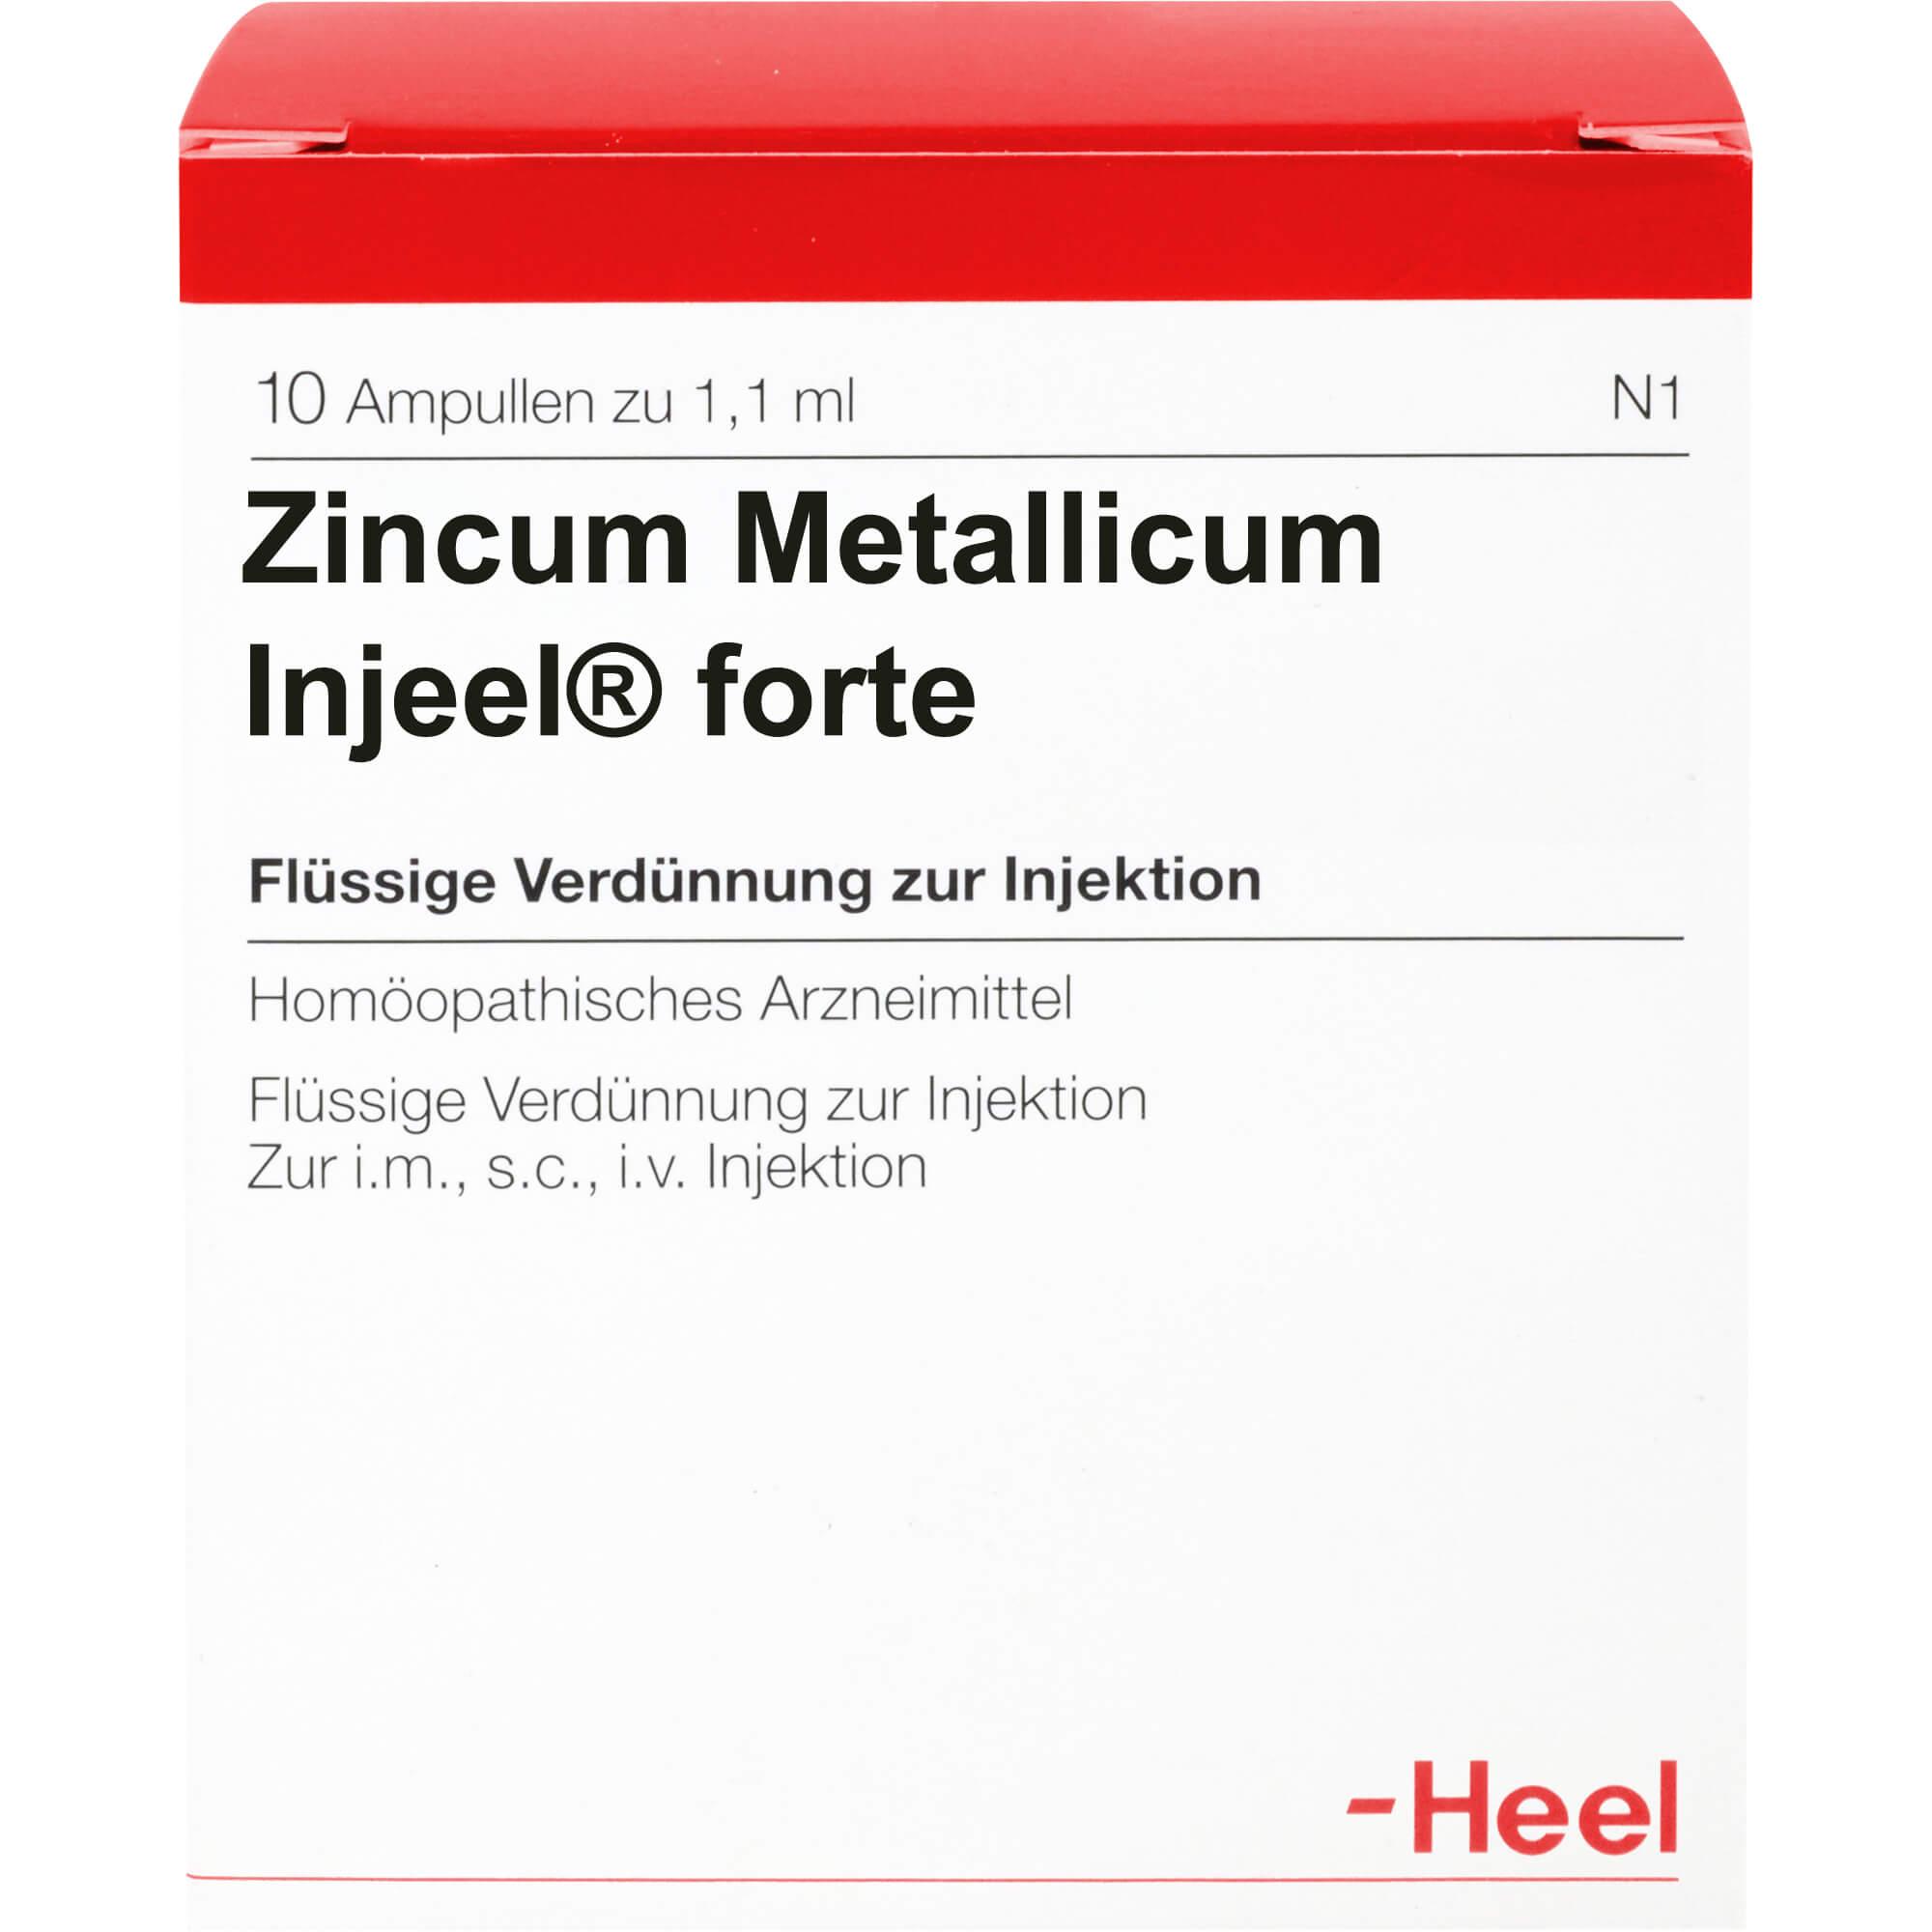 ZINCUM METALLICUM INJEEL forte Ampullen